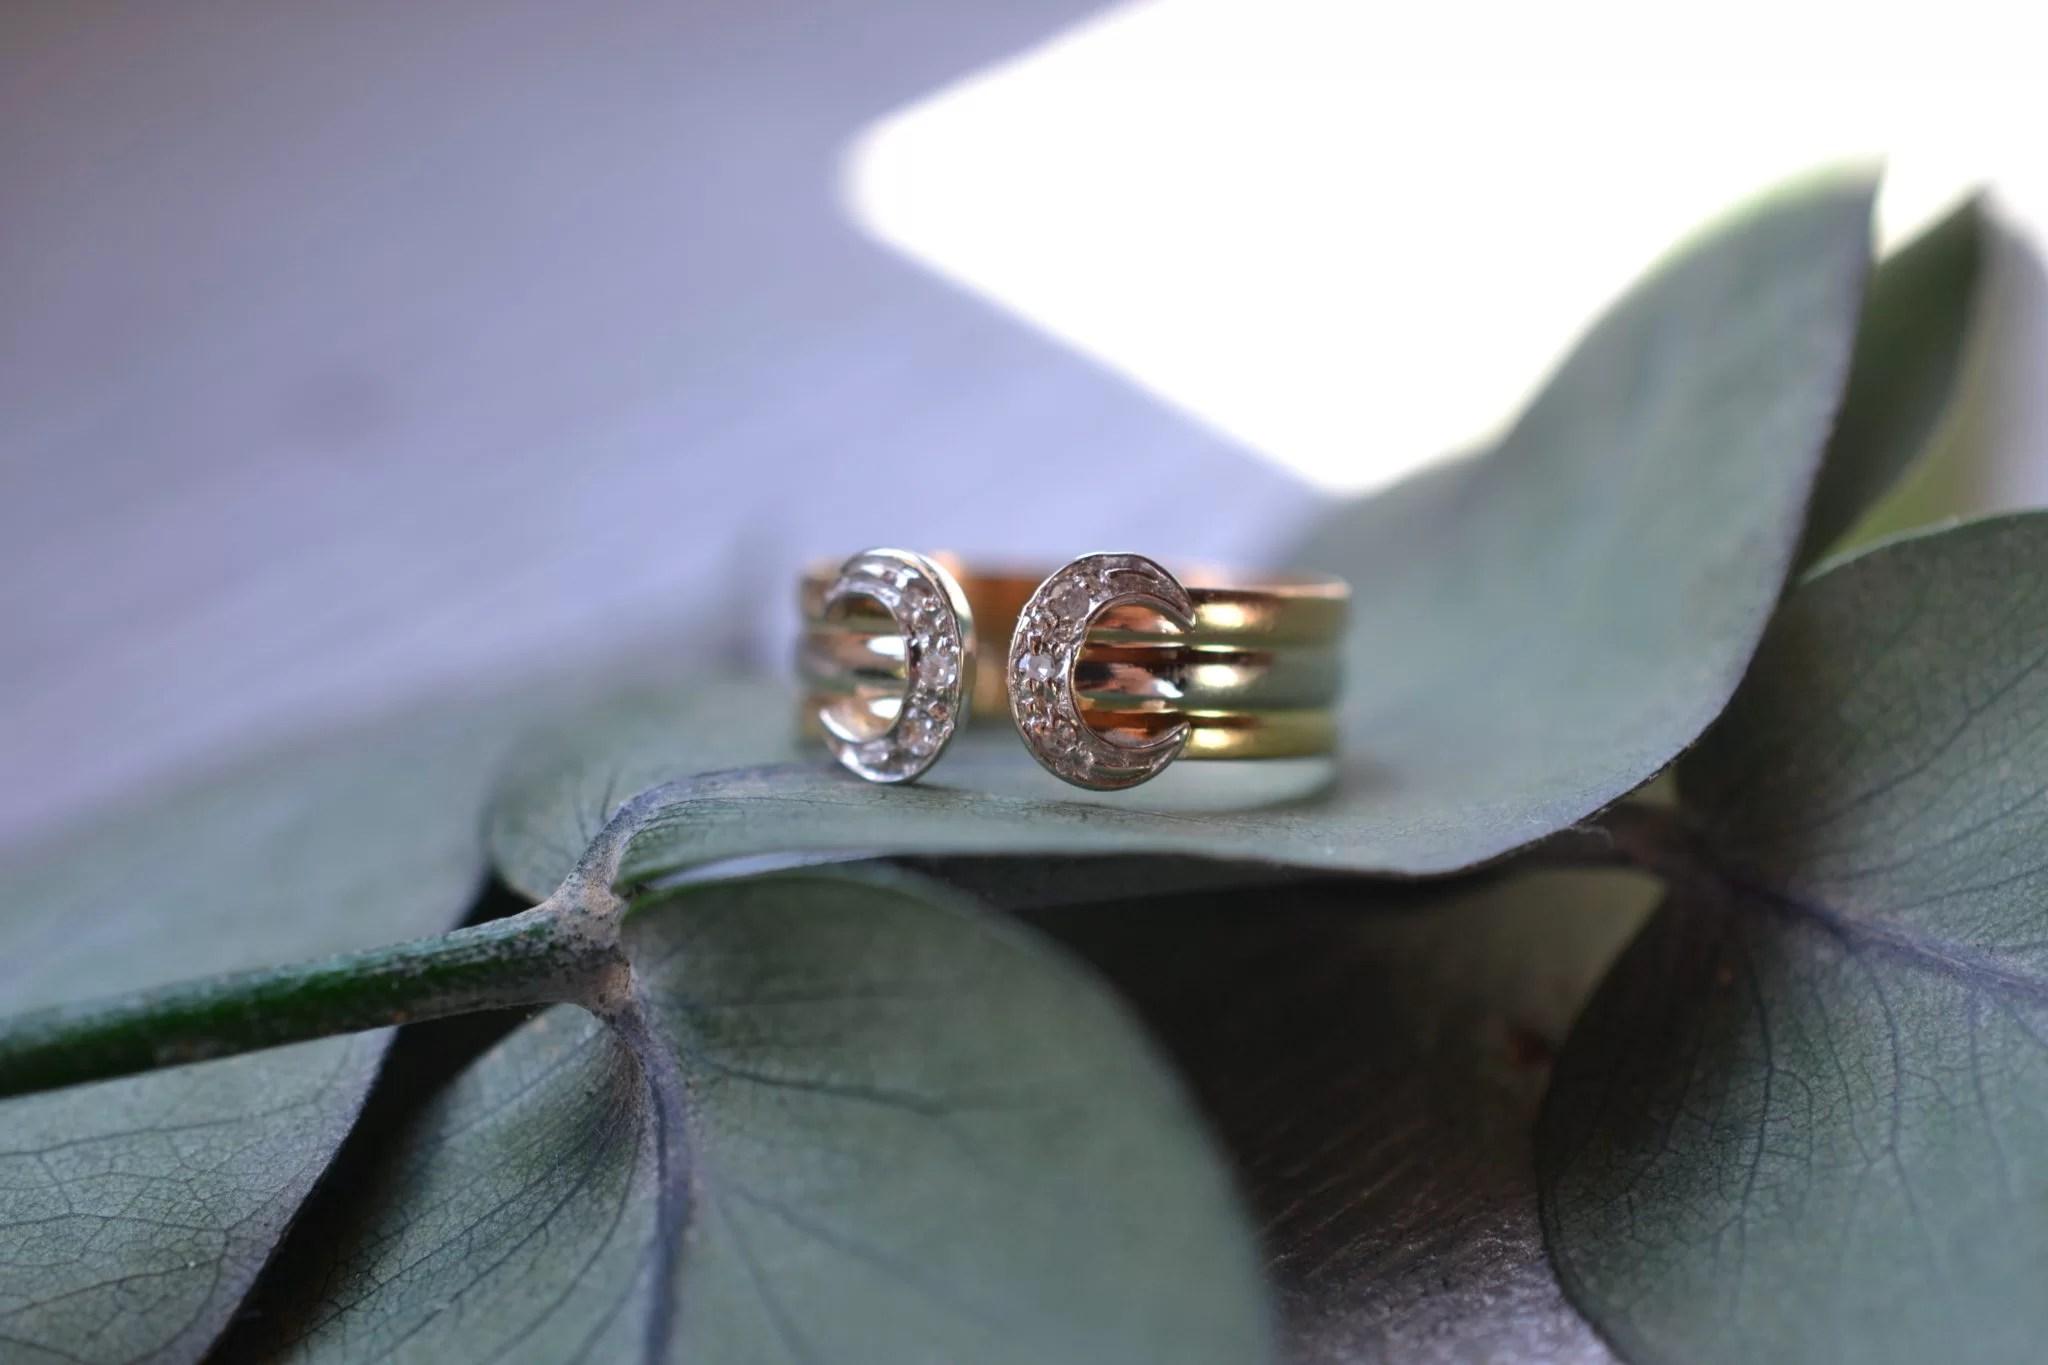 Bague fer à cheval façon cartier petites roses de diamants - bijoux en OR 18 carats - bijoux anciens